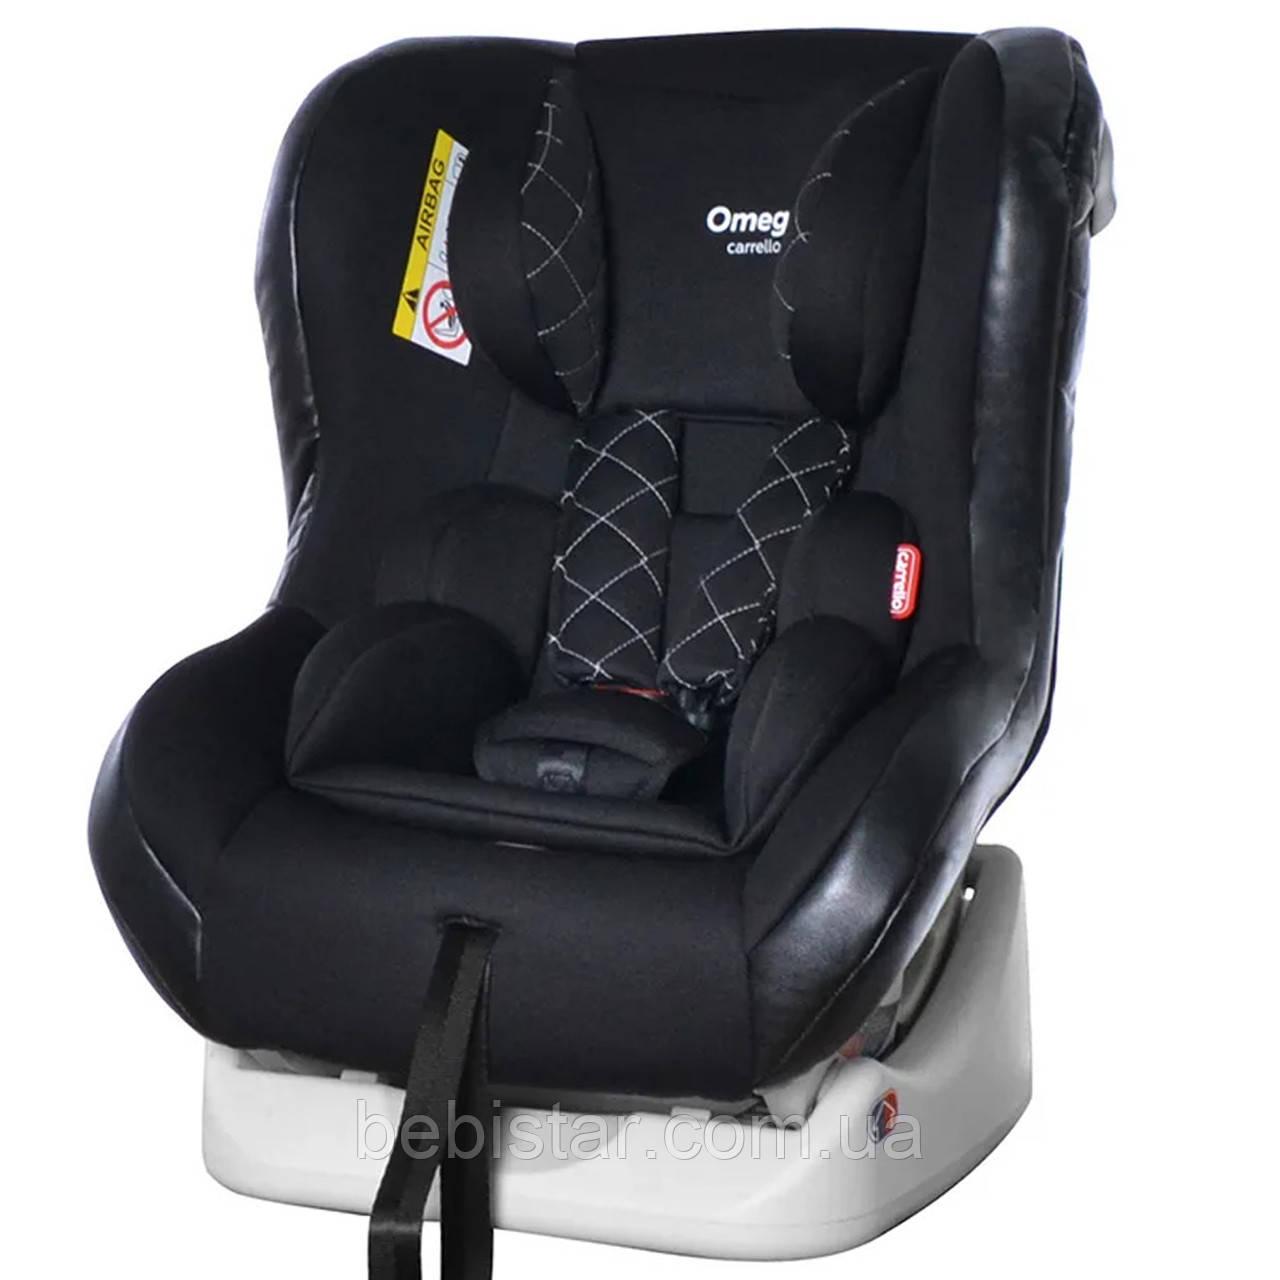 Автокресло детское с рождения до 4 лет (0-18кг) черное с наклоном для сна Carrello Omega CRL-11806 Black